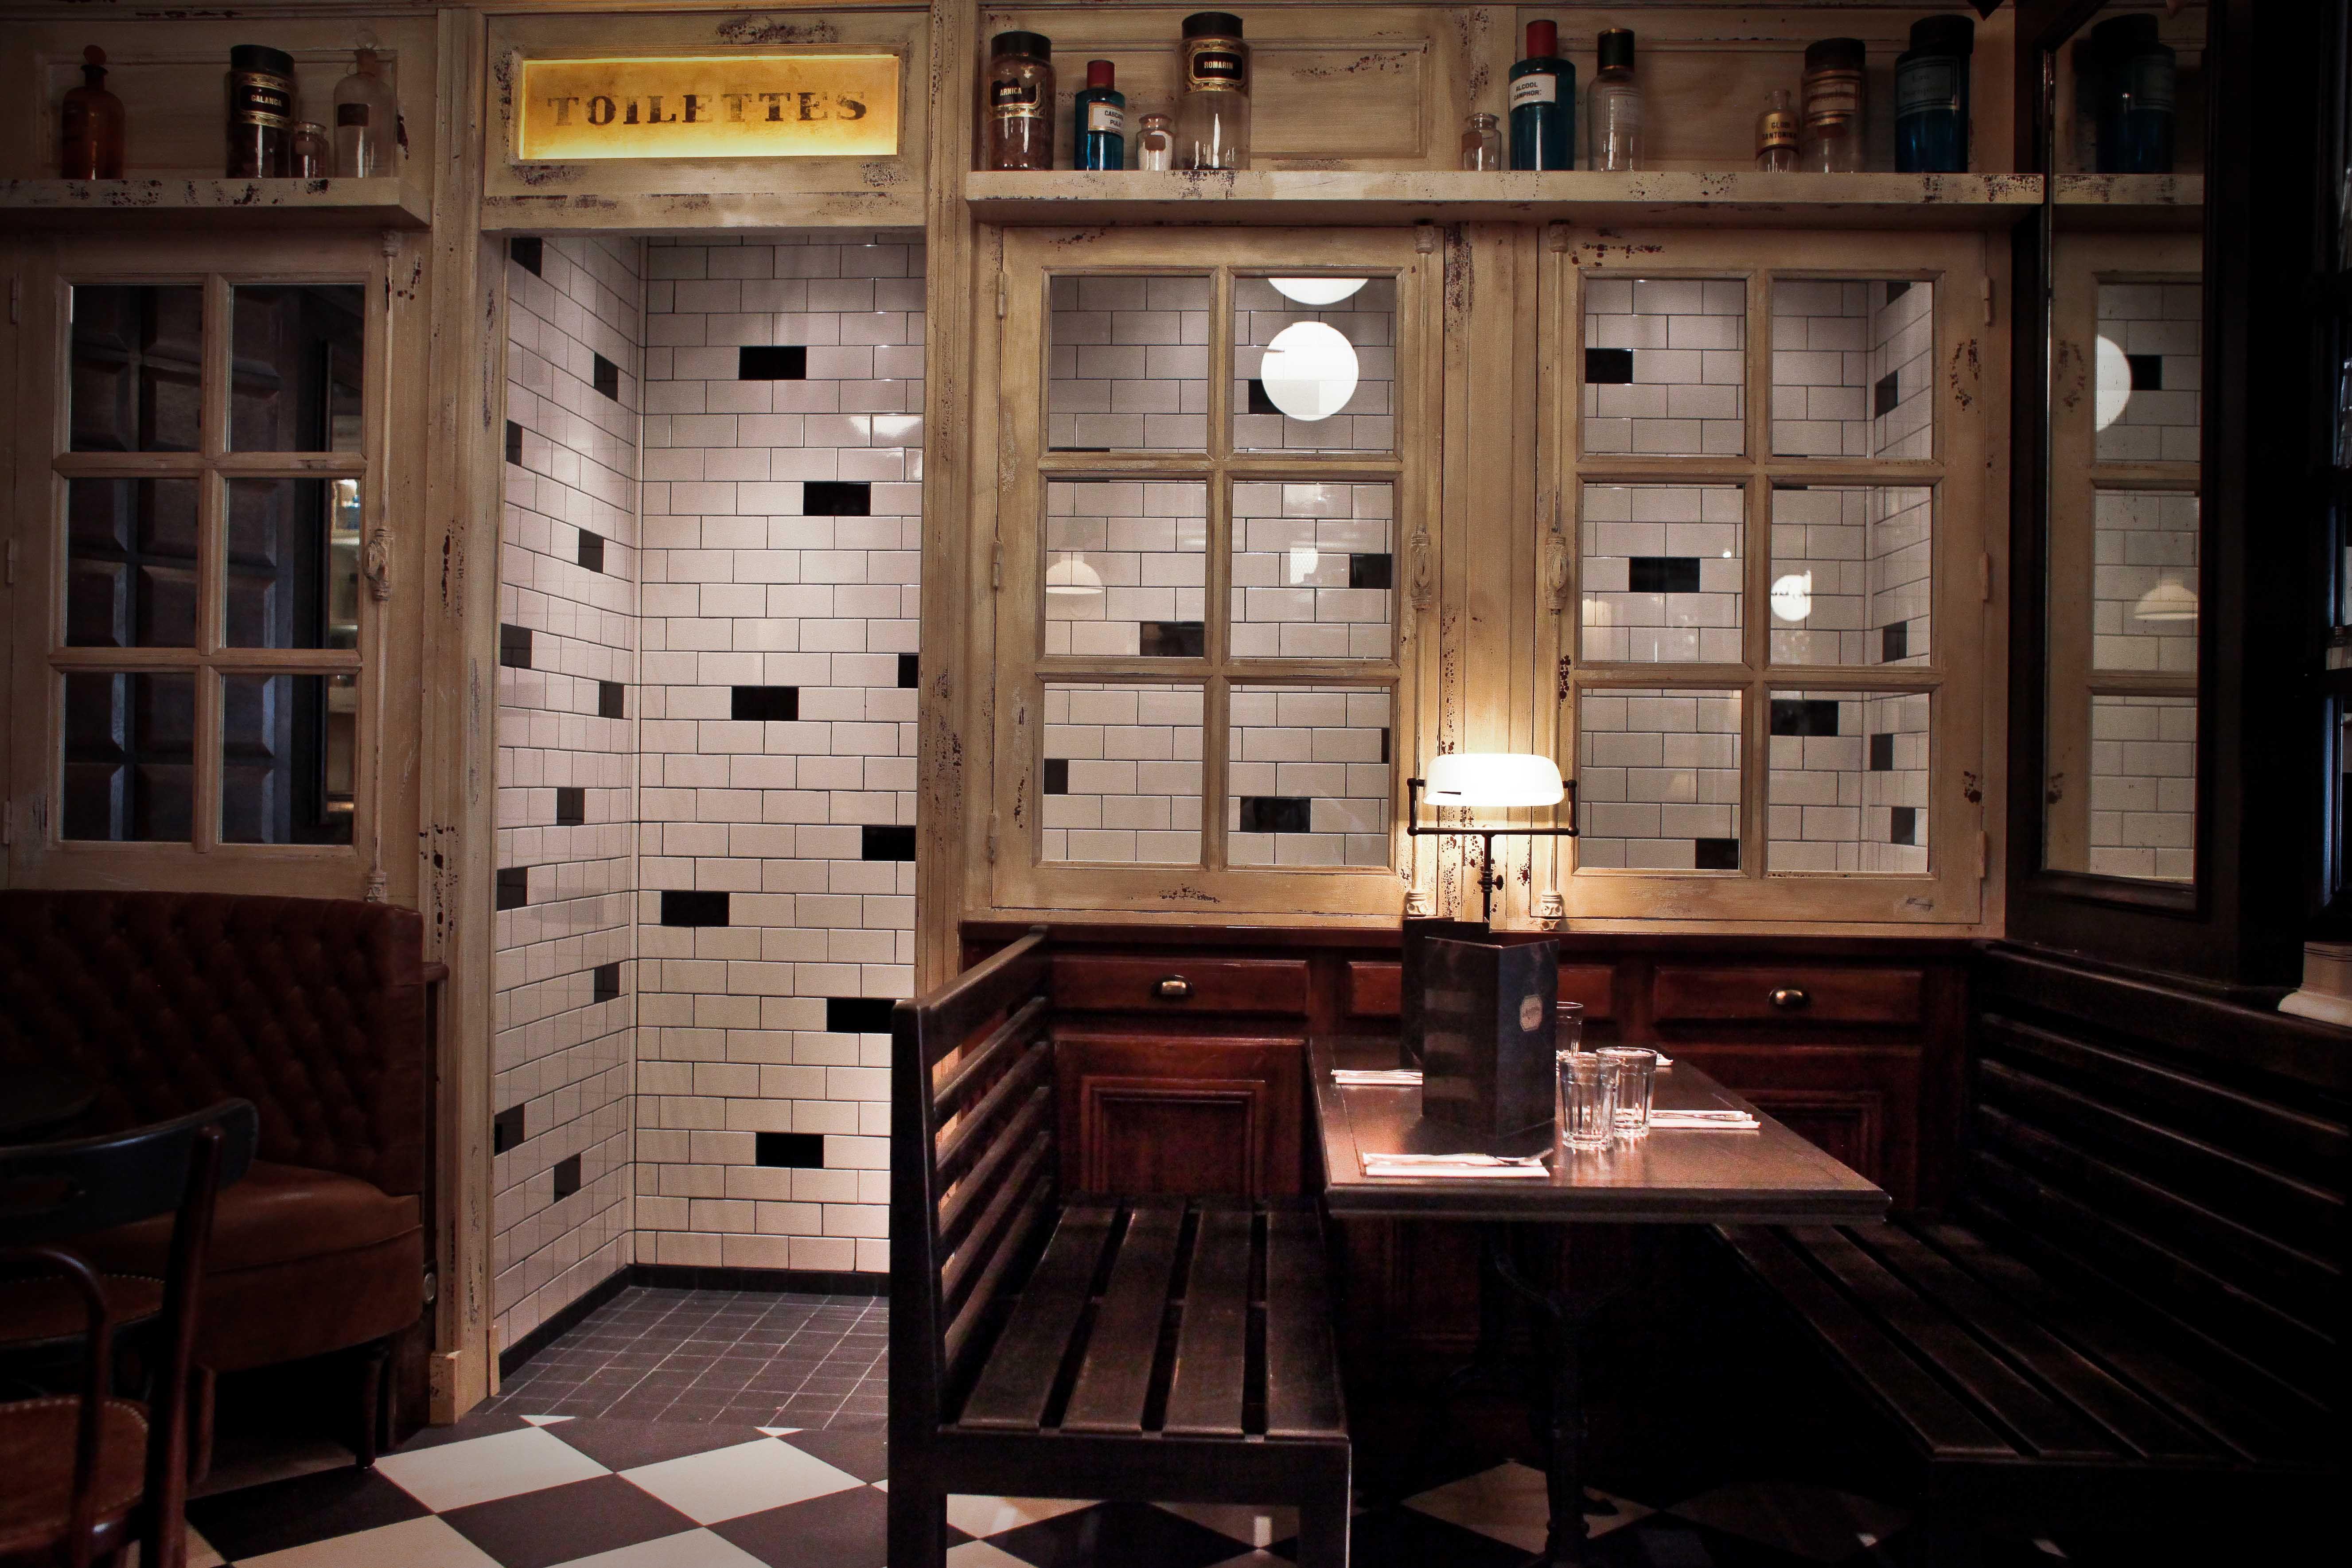 Interieur Details Les Antiquaires Paris Cafe Restaurant Paris